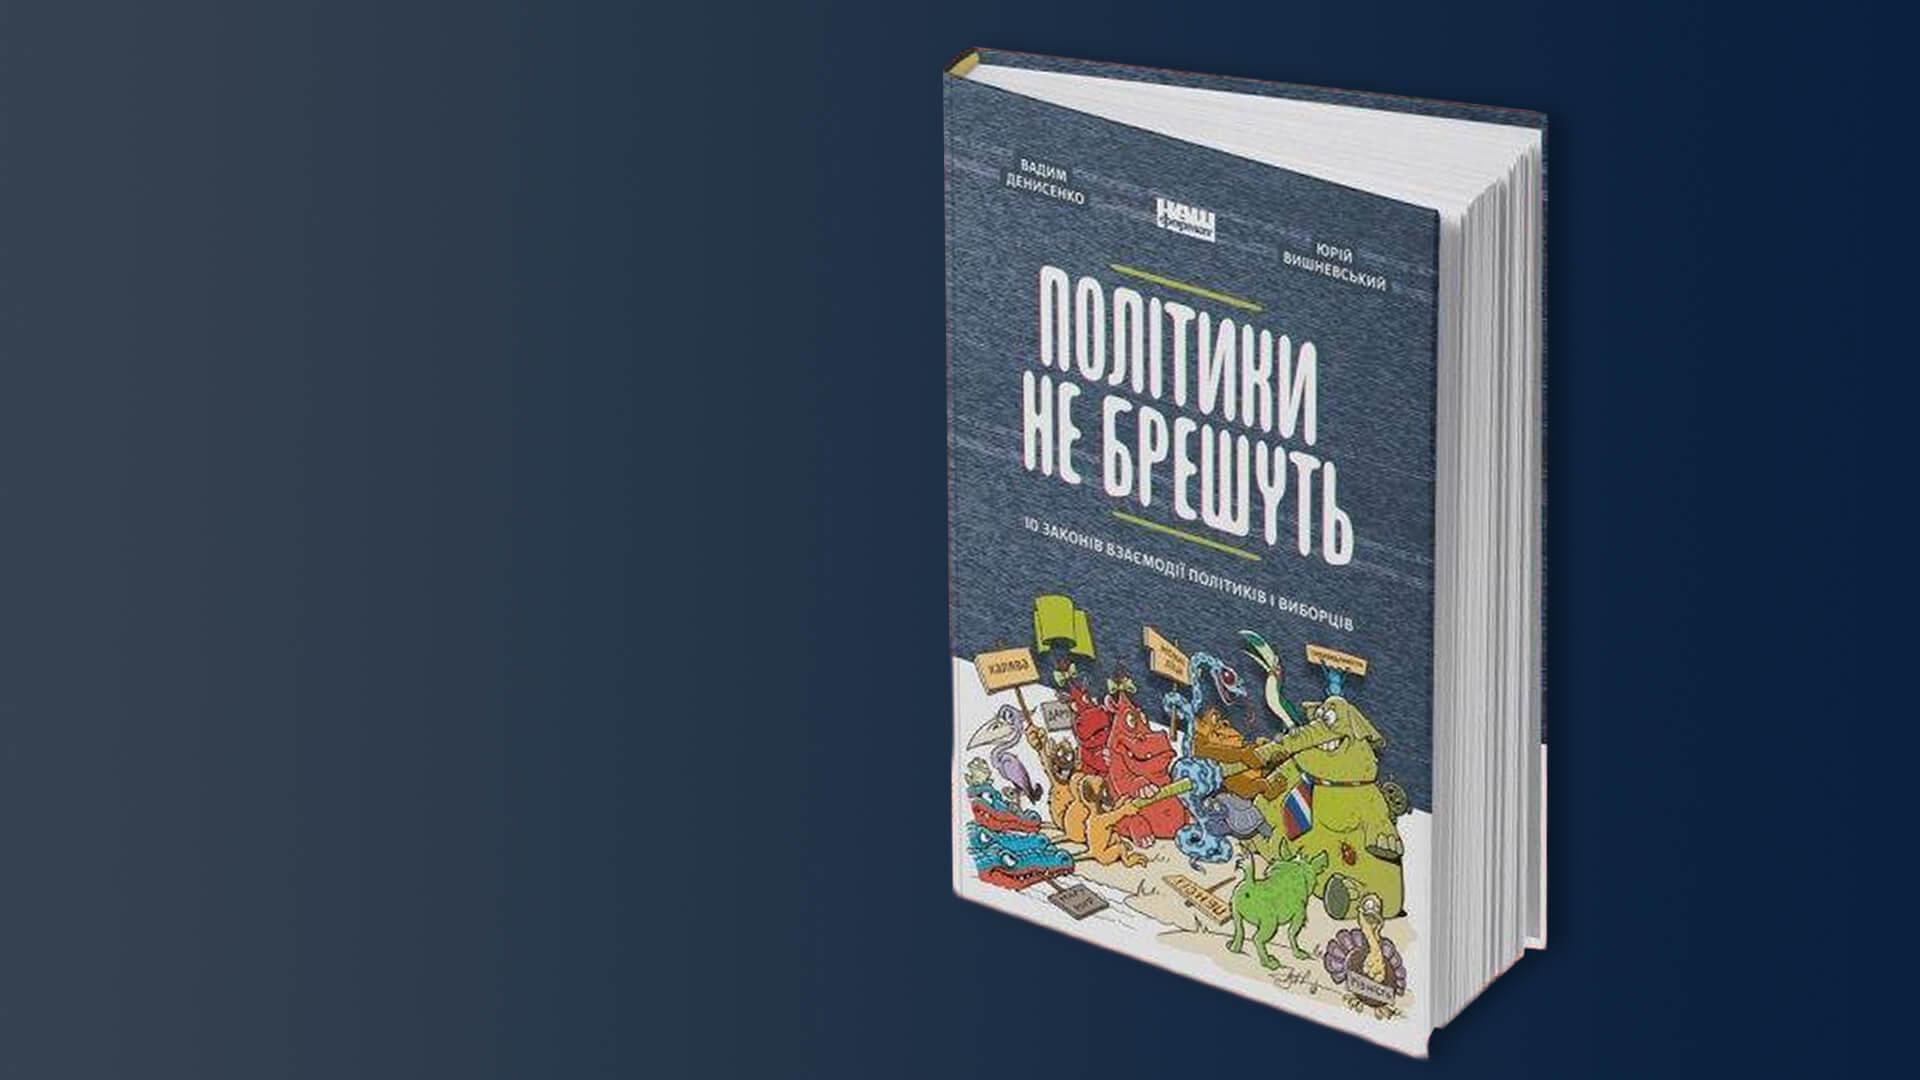 Уривок з книги «Політики не брешуть. 10 законів взаємодії політиків і виборців»